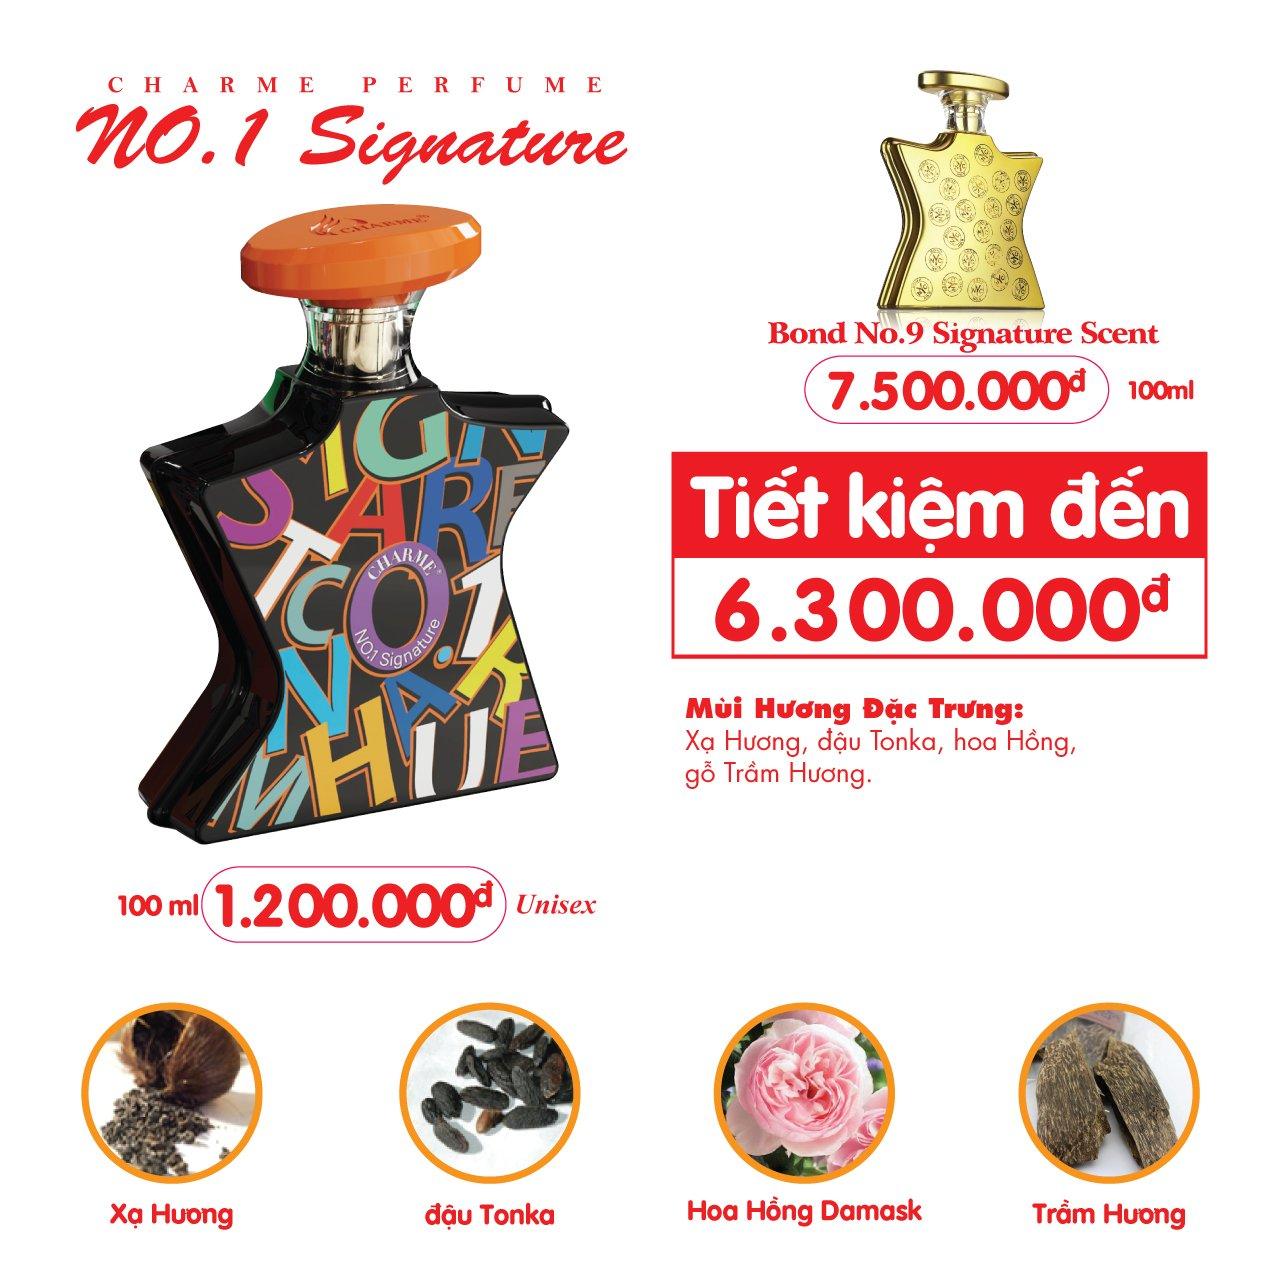 Nước Hoa Charme No.1 Signature 100ml Unisex Chính Hãng✅Tặng Quà Hot